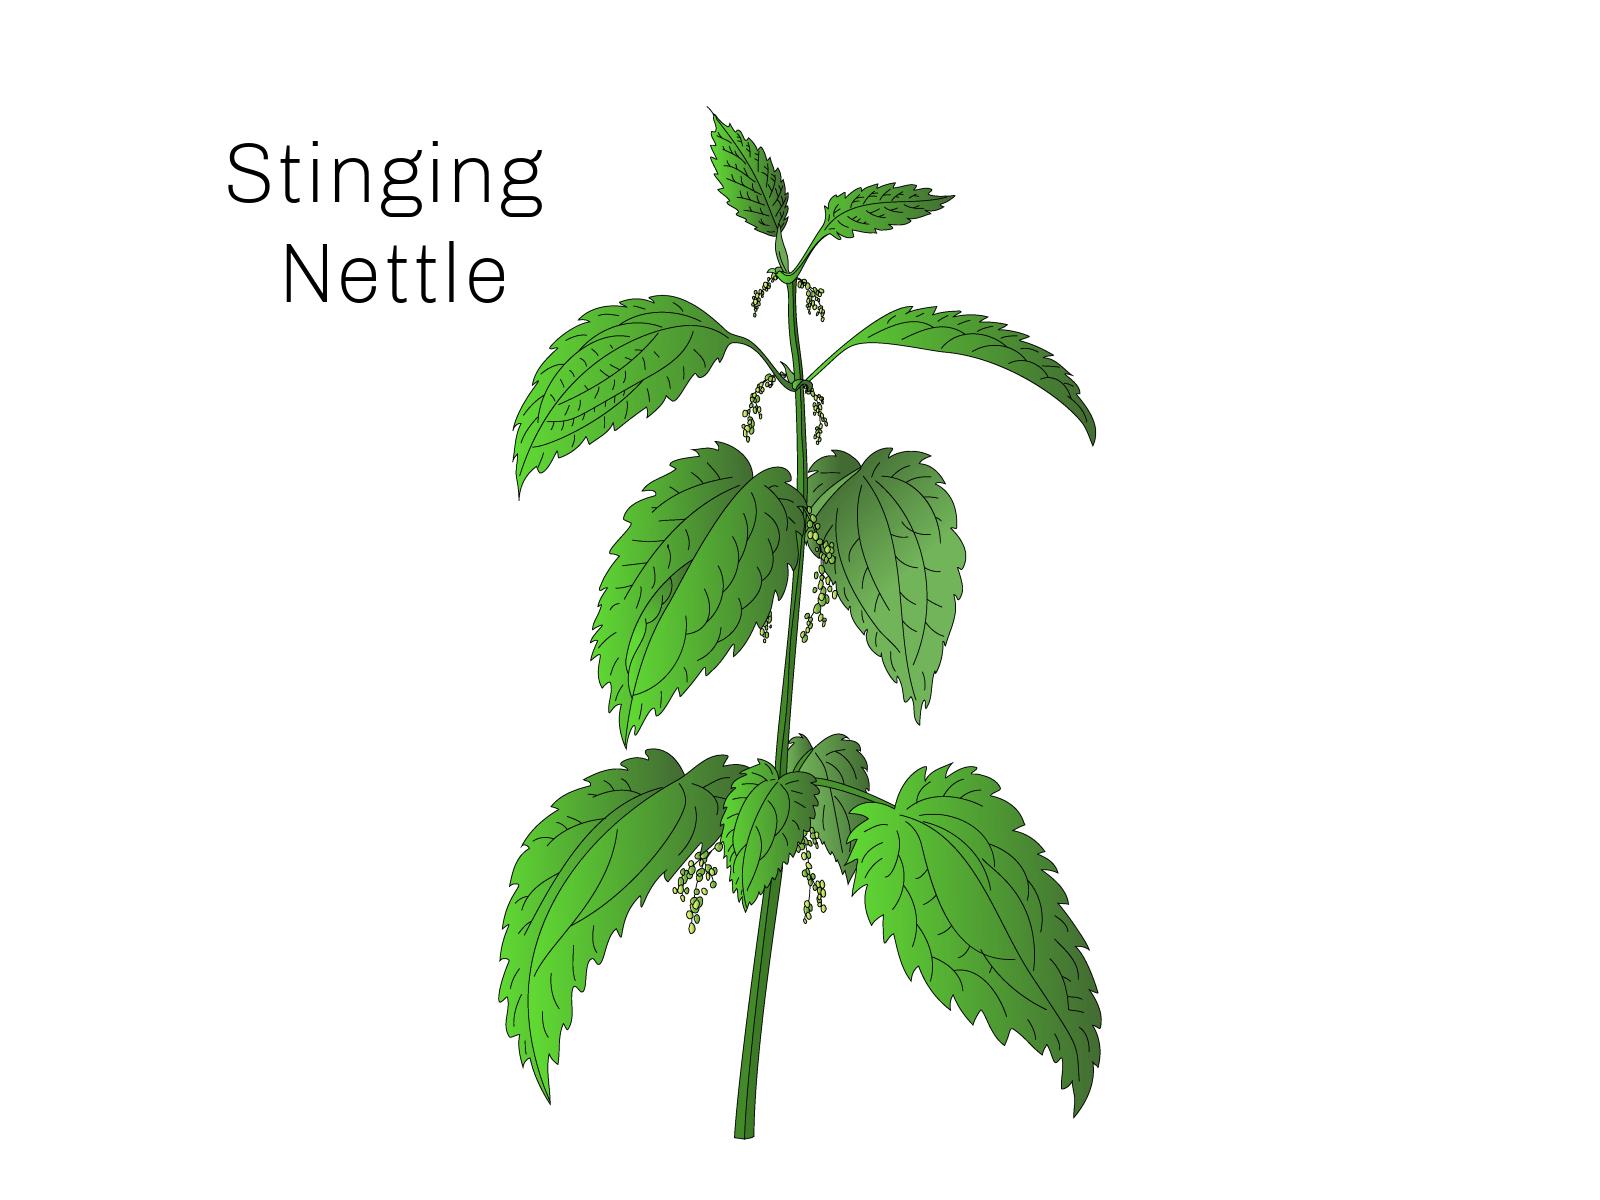 stinging nettle